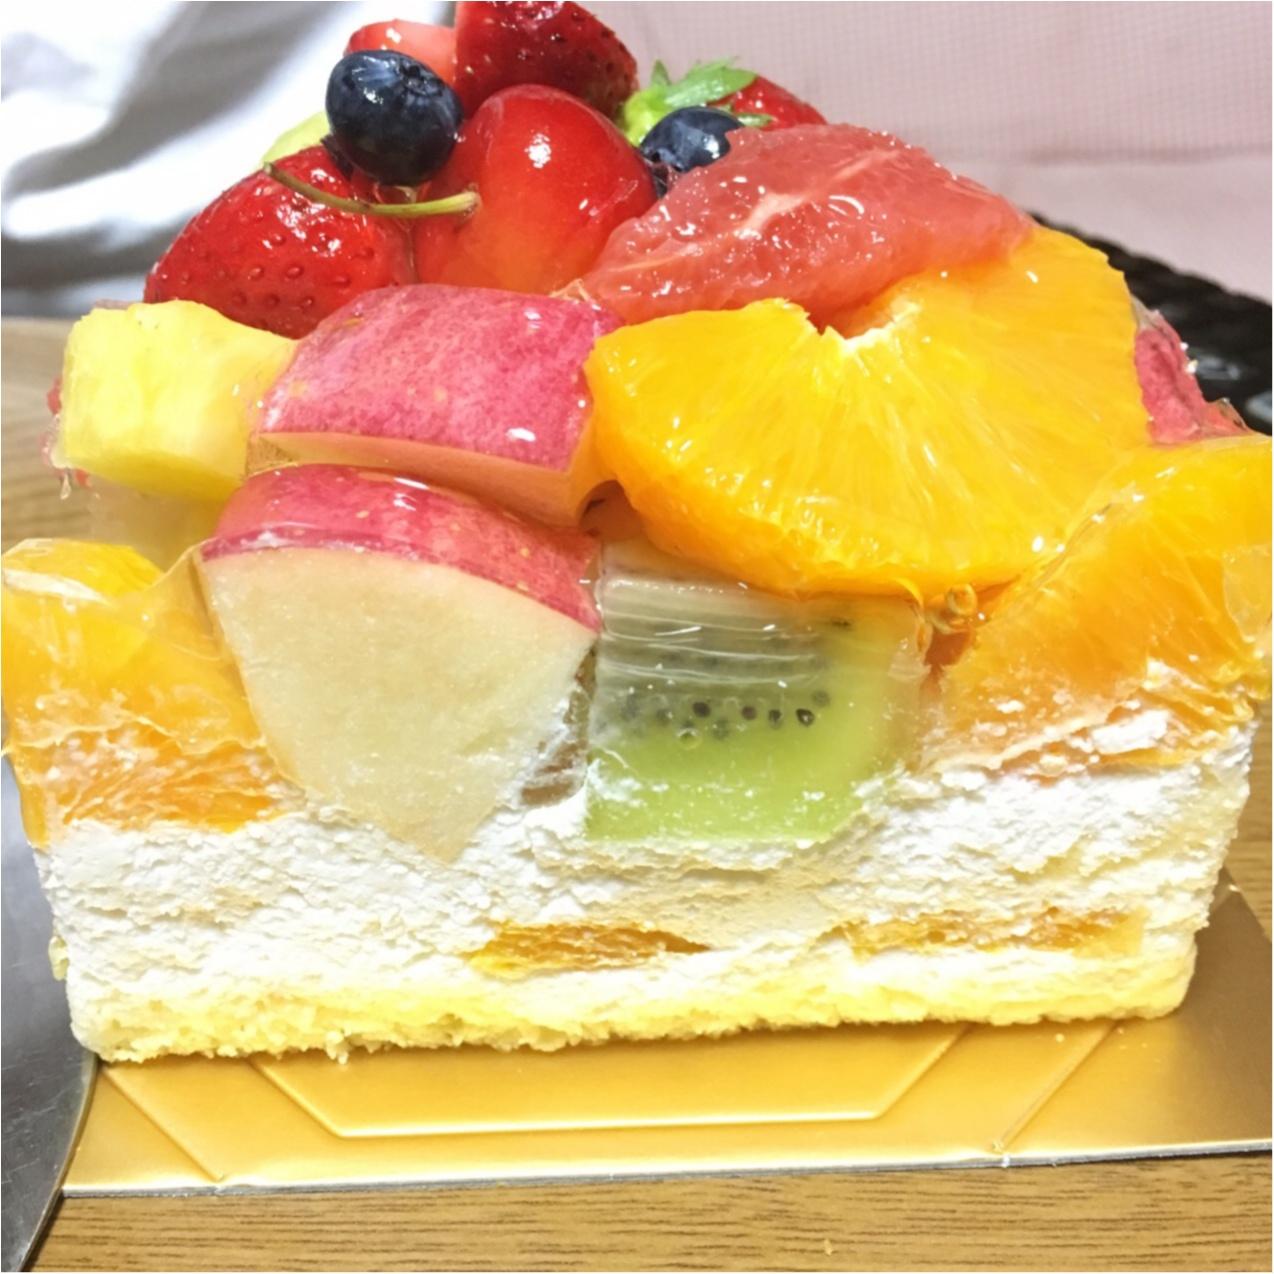 ボリュームがすごい!フルーツたっぷり♡ハナフルのフルーツケーキ_3